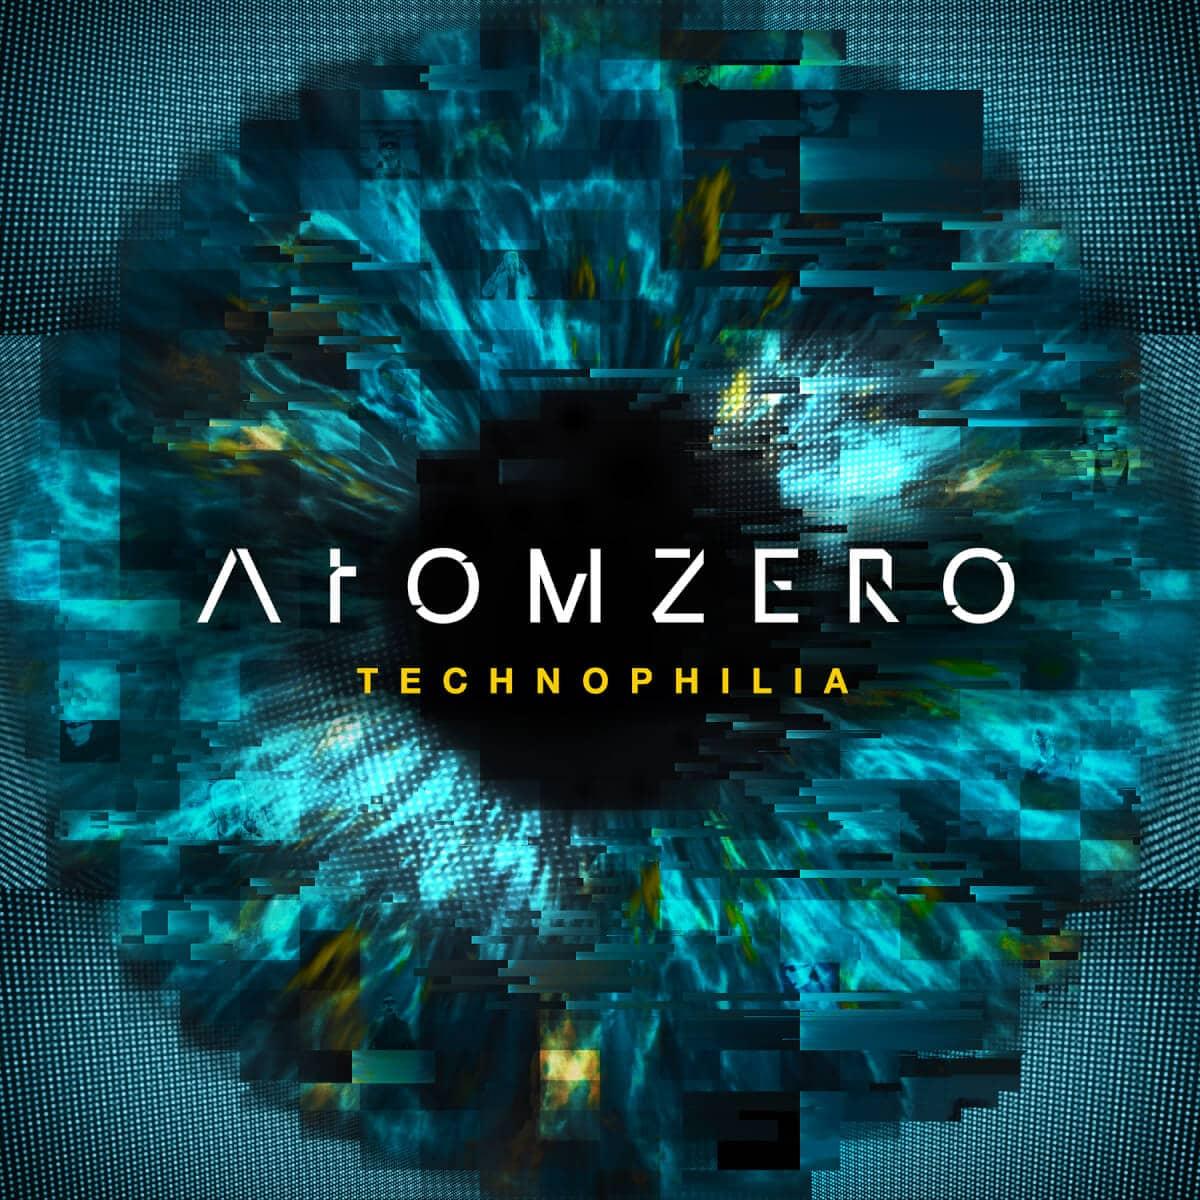 Atomzero – Technophilia